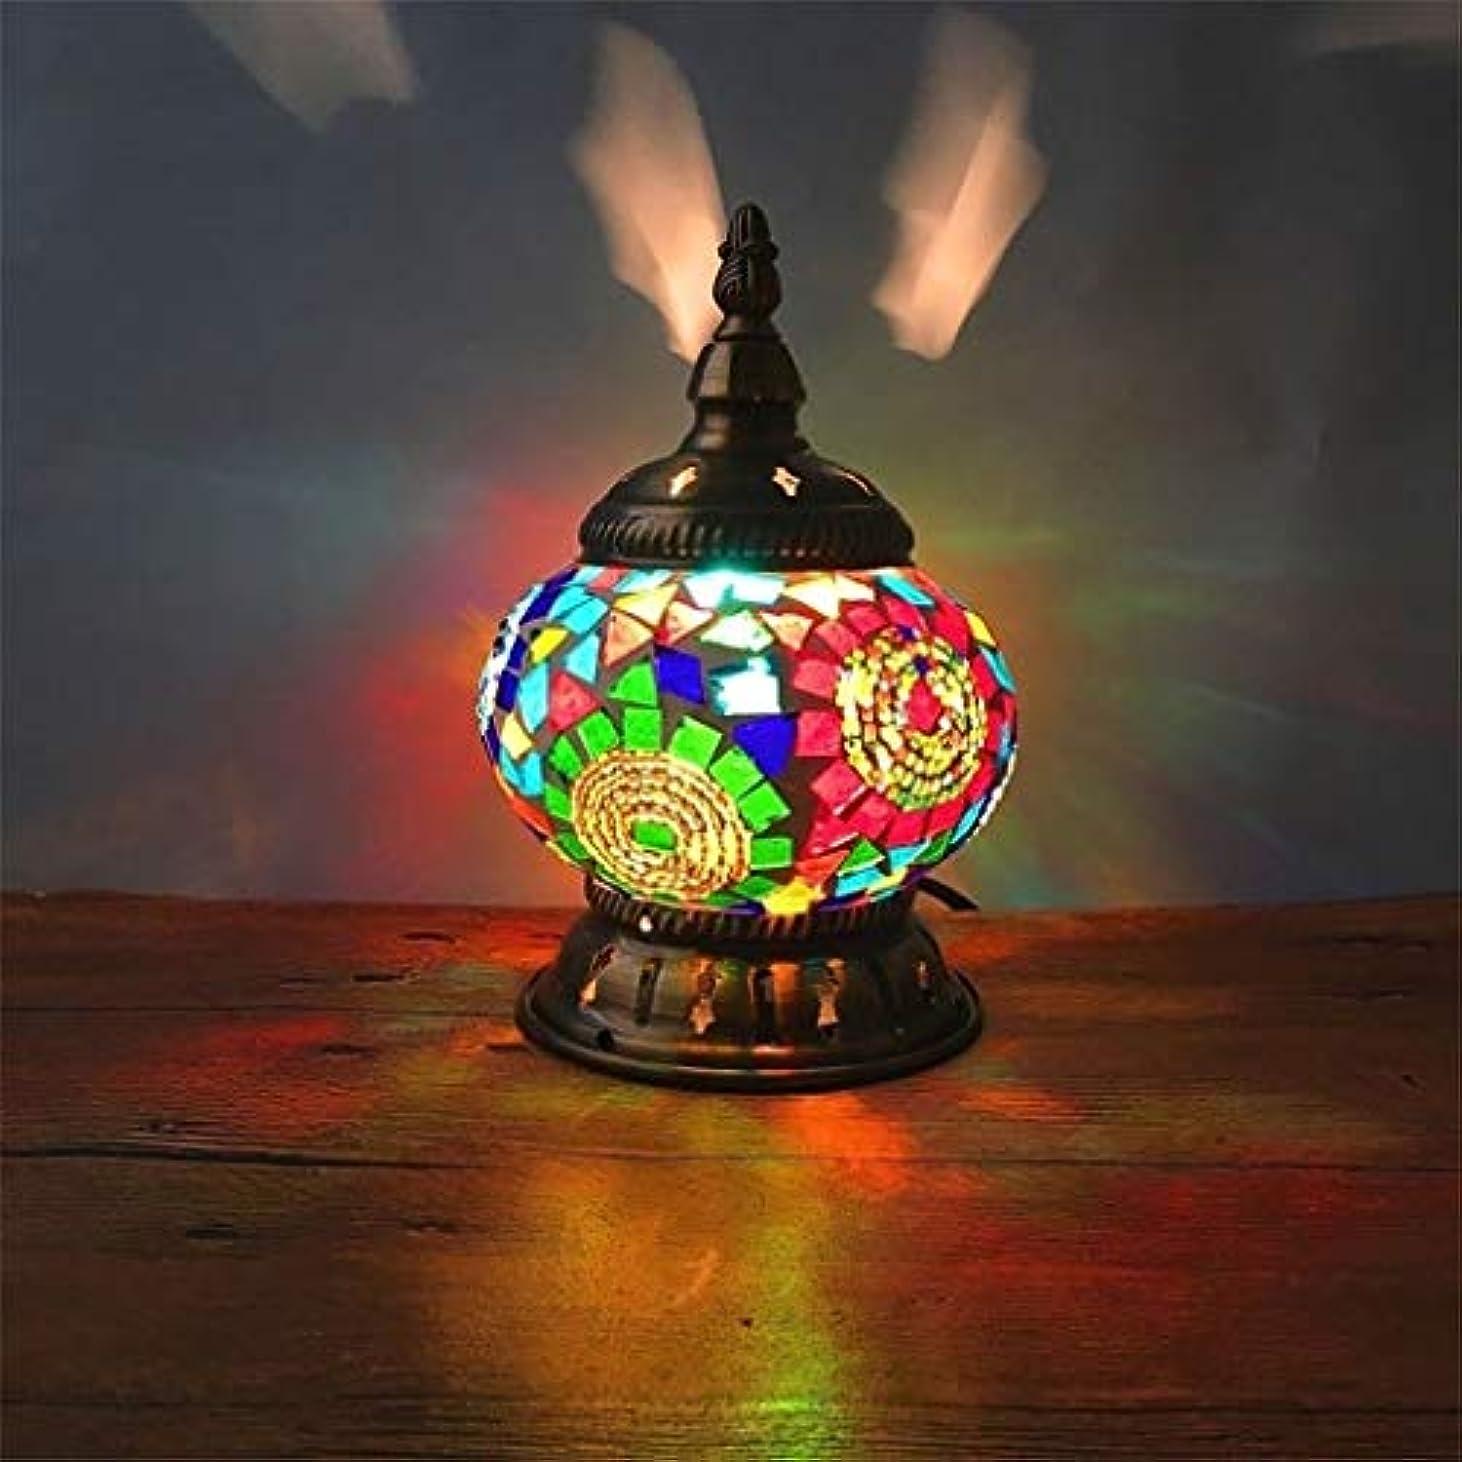 パラメータ語請願者シロス トルコのテーブルランプ、レトロな金属ディスプレイランプ屋内照明ムードランプレストランバー寝室リビングルーム (Color : D)